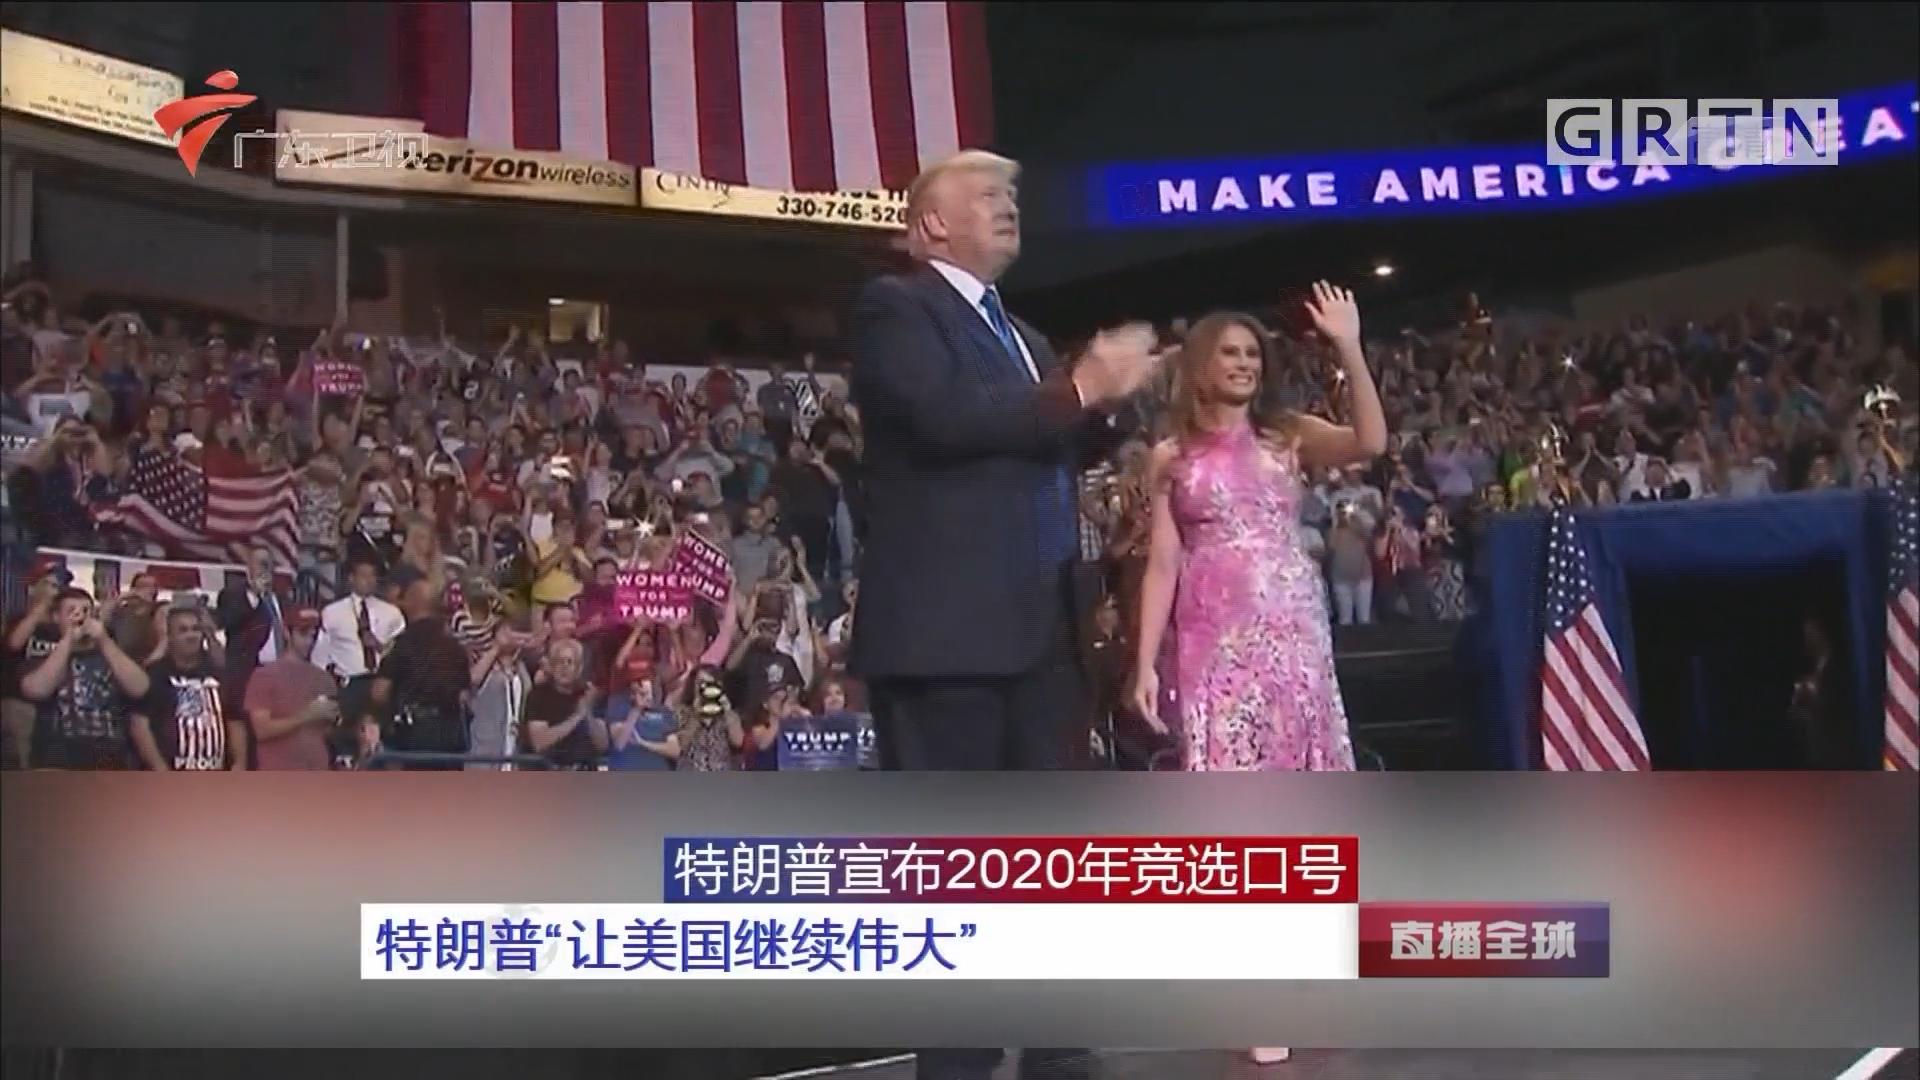 """特朗普宣布2020年竞选口号:特朗普""""让美国继续伟大"""""""